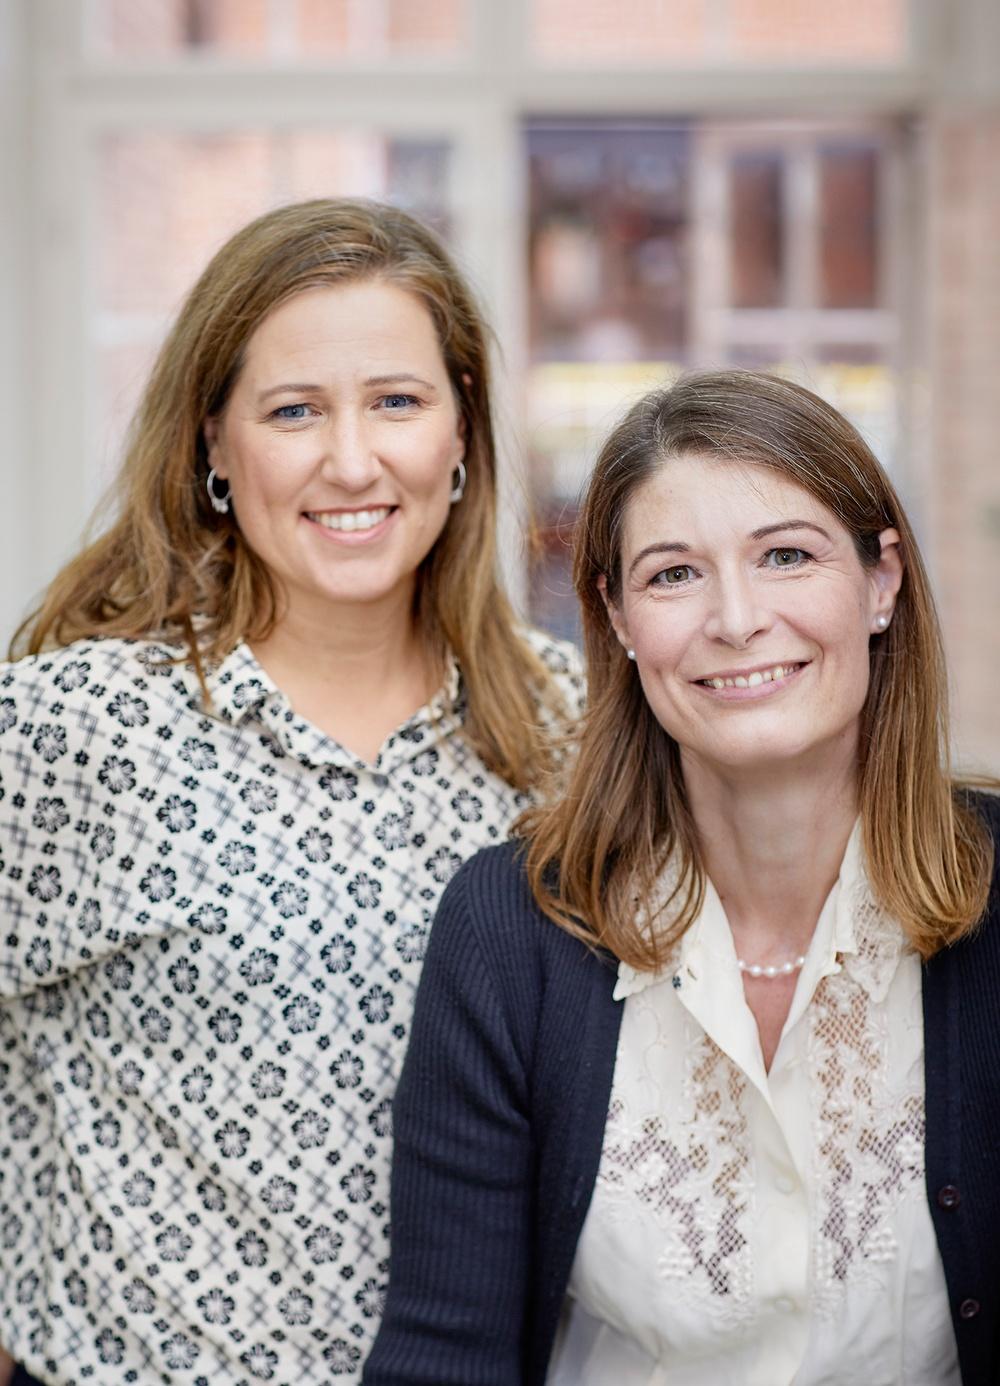 Författarporträtt: Marie Dacke & Låtta Skogh